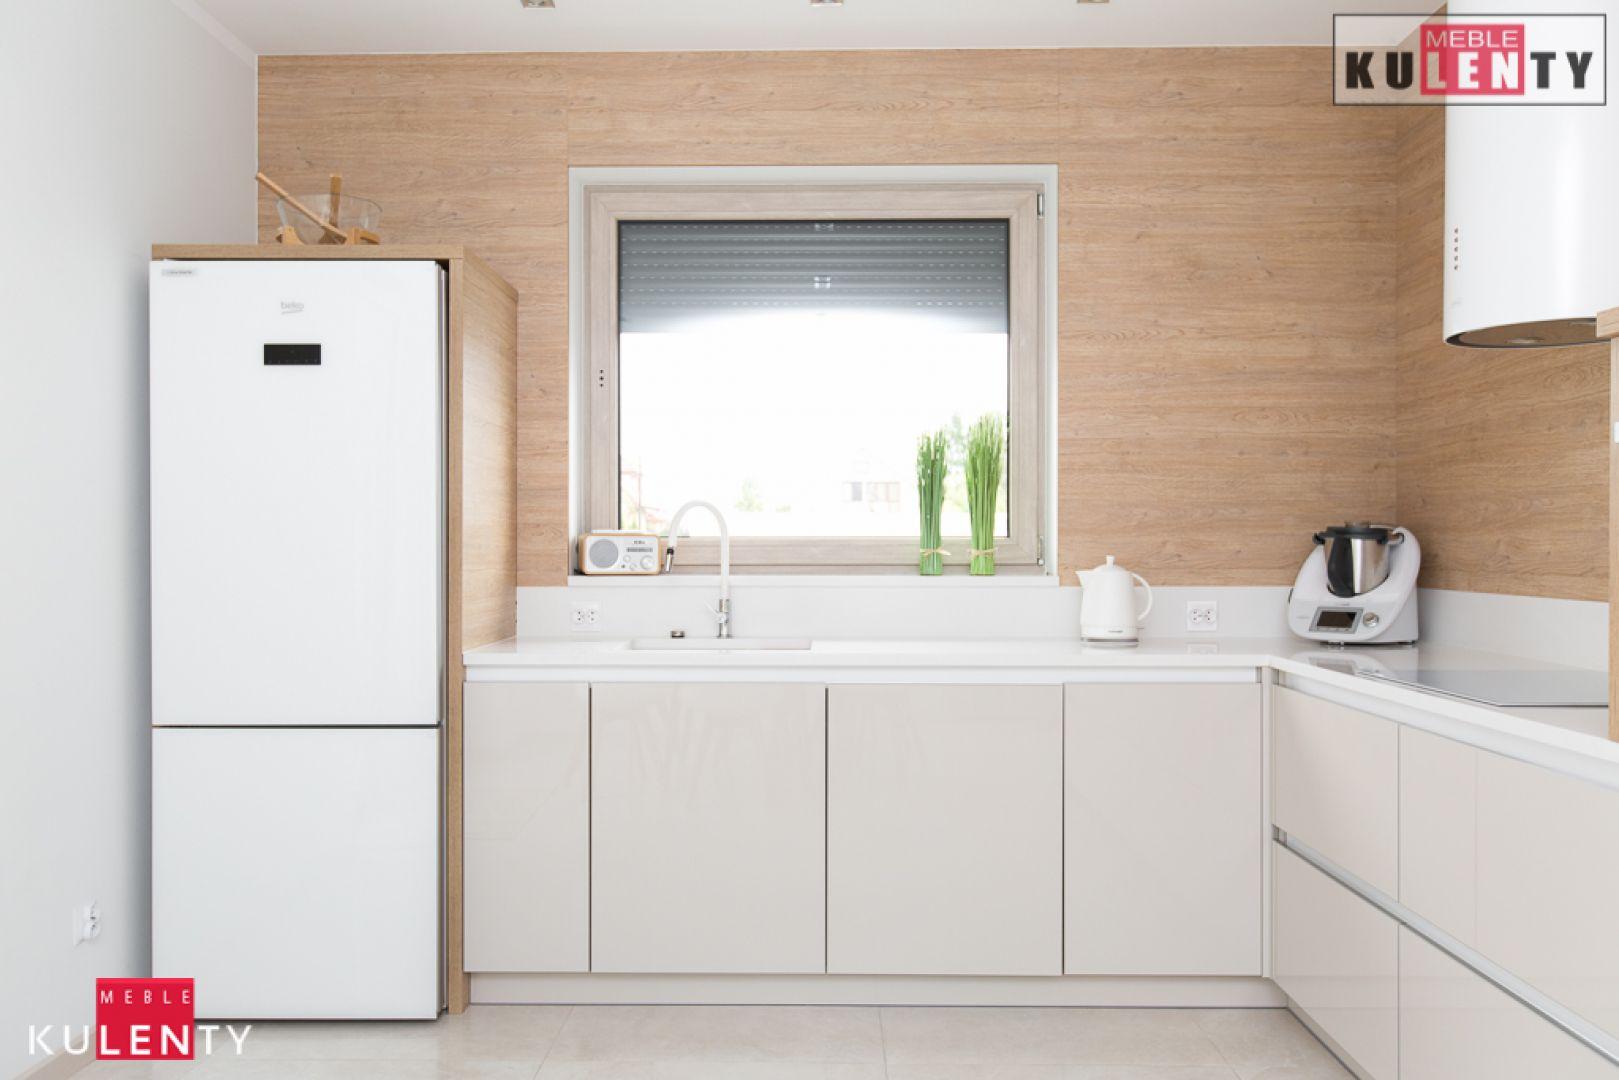 Biała lodówka w kuchni y0DC